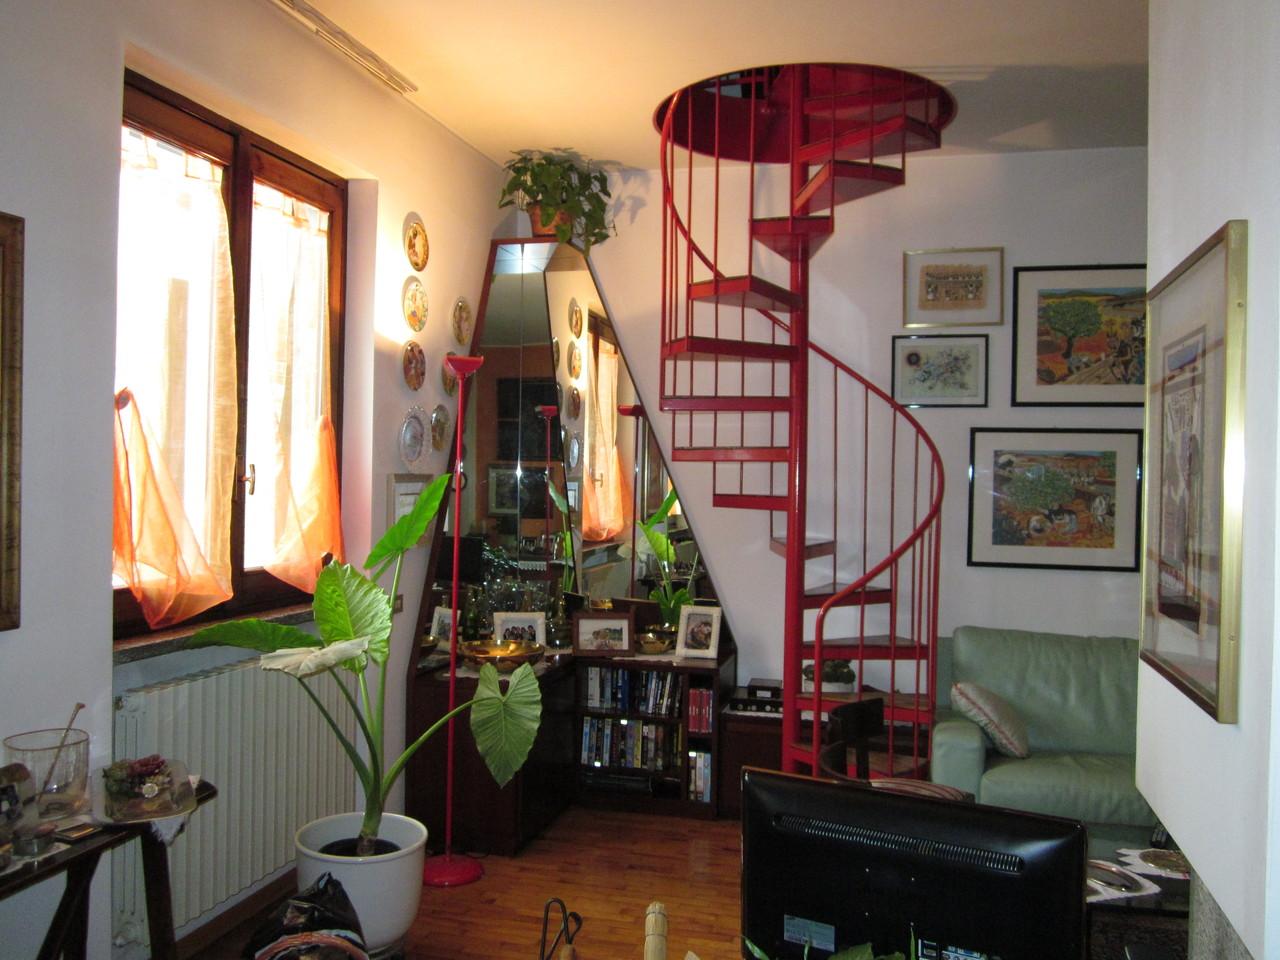 La scala di accesso alla mansarda